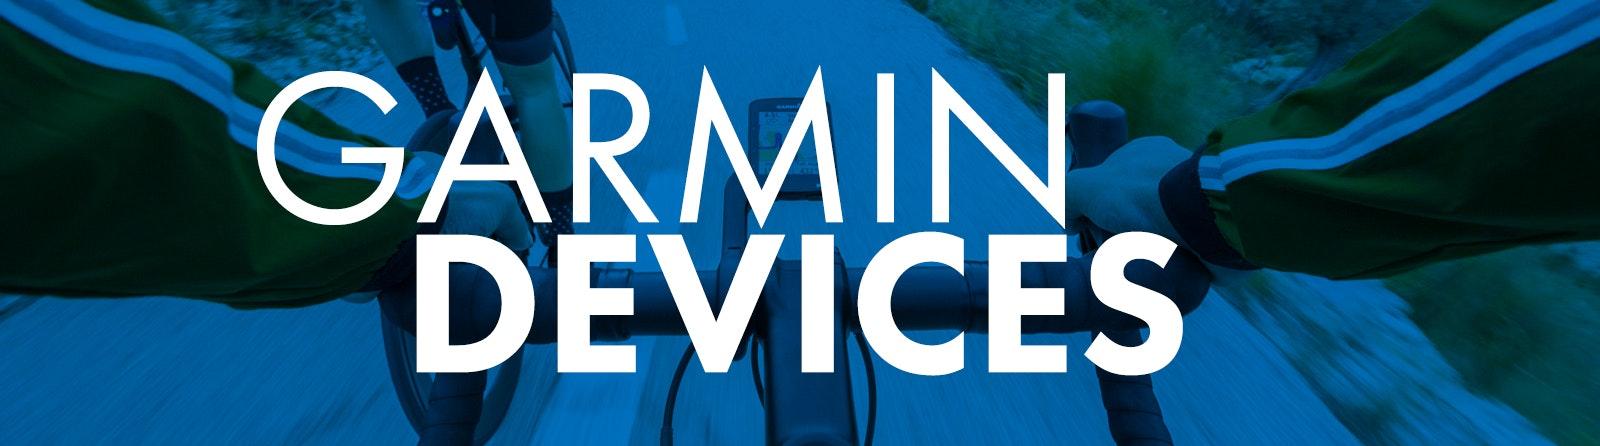 Garmin Devices